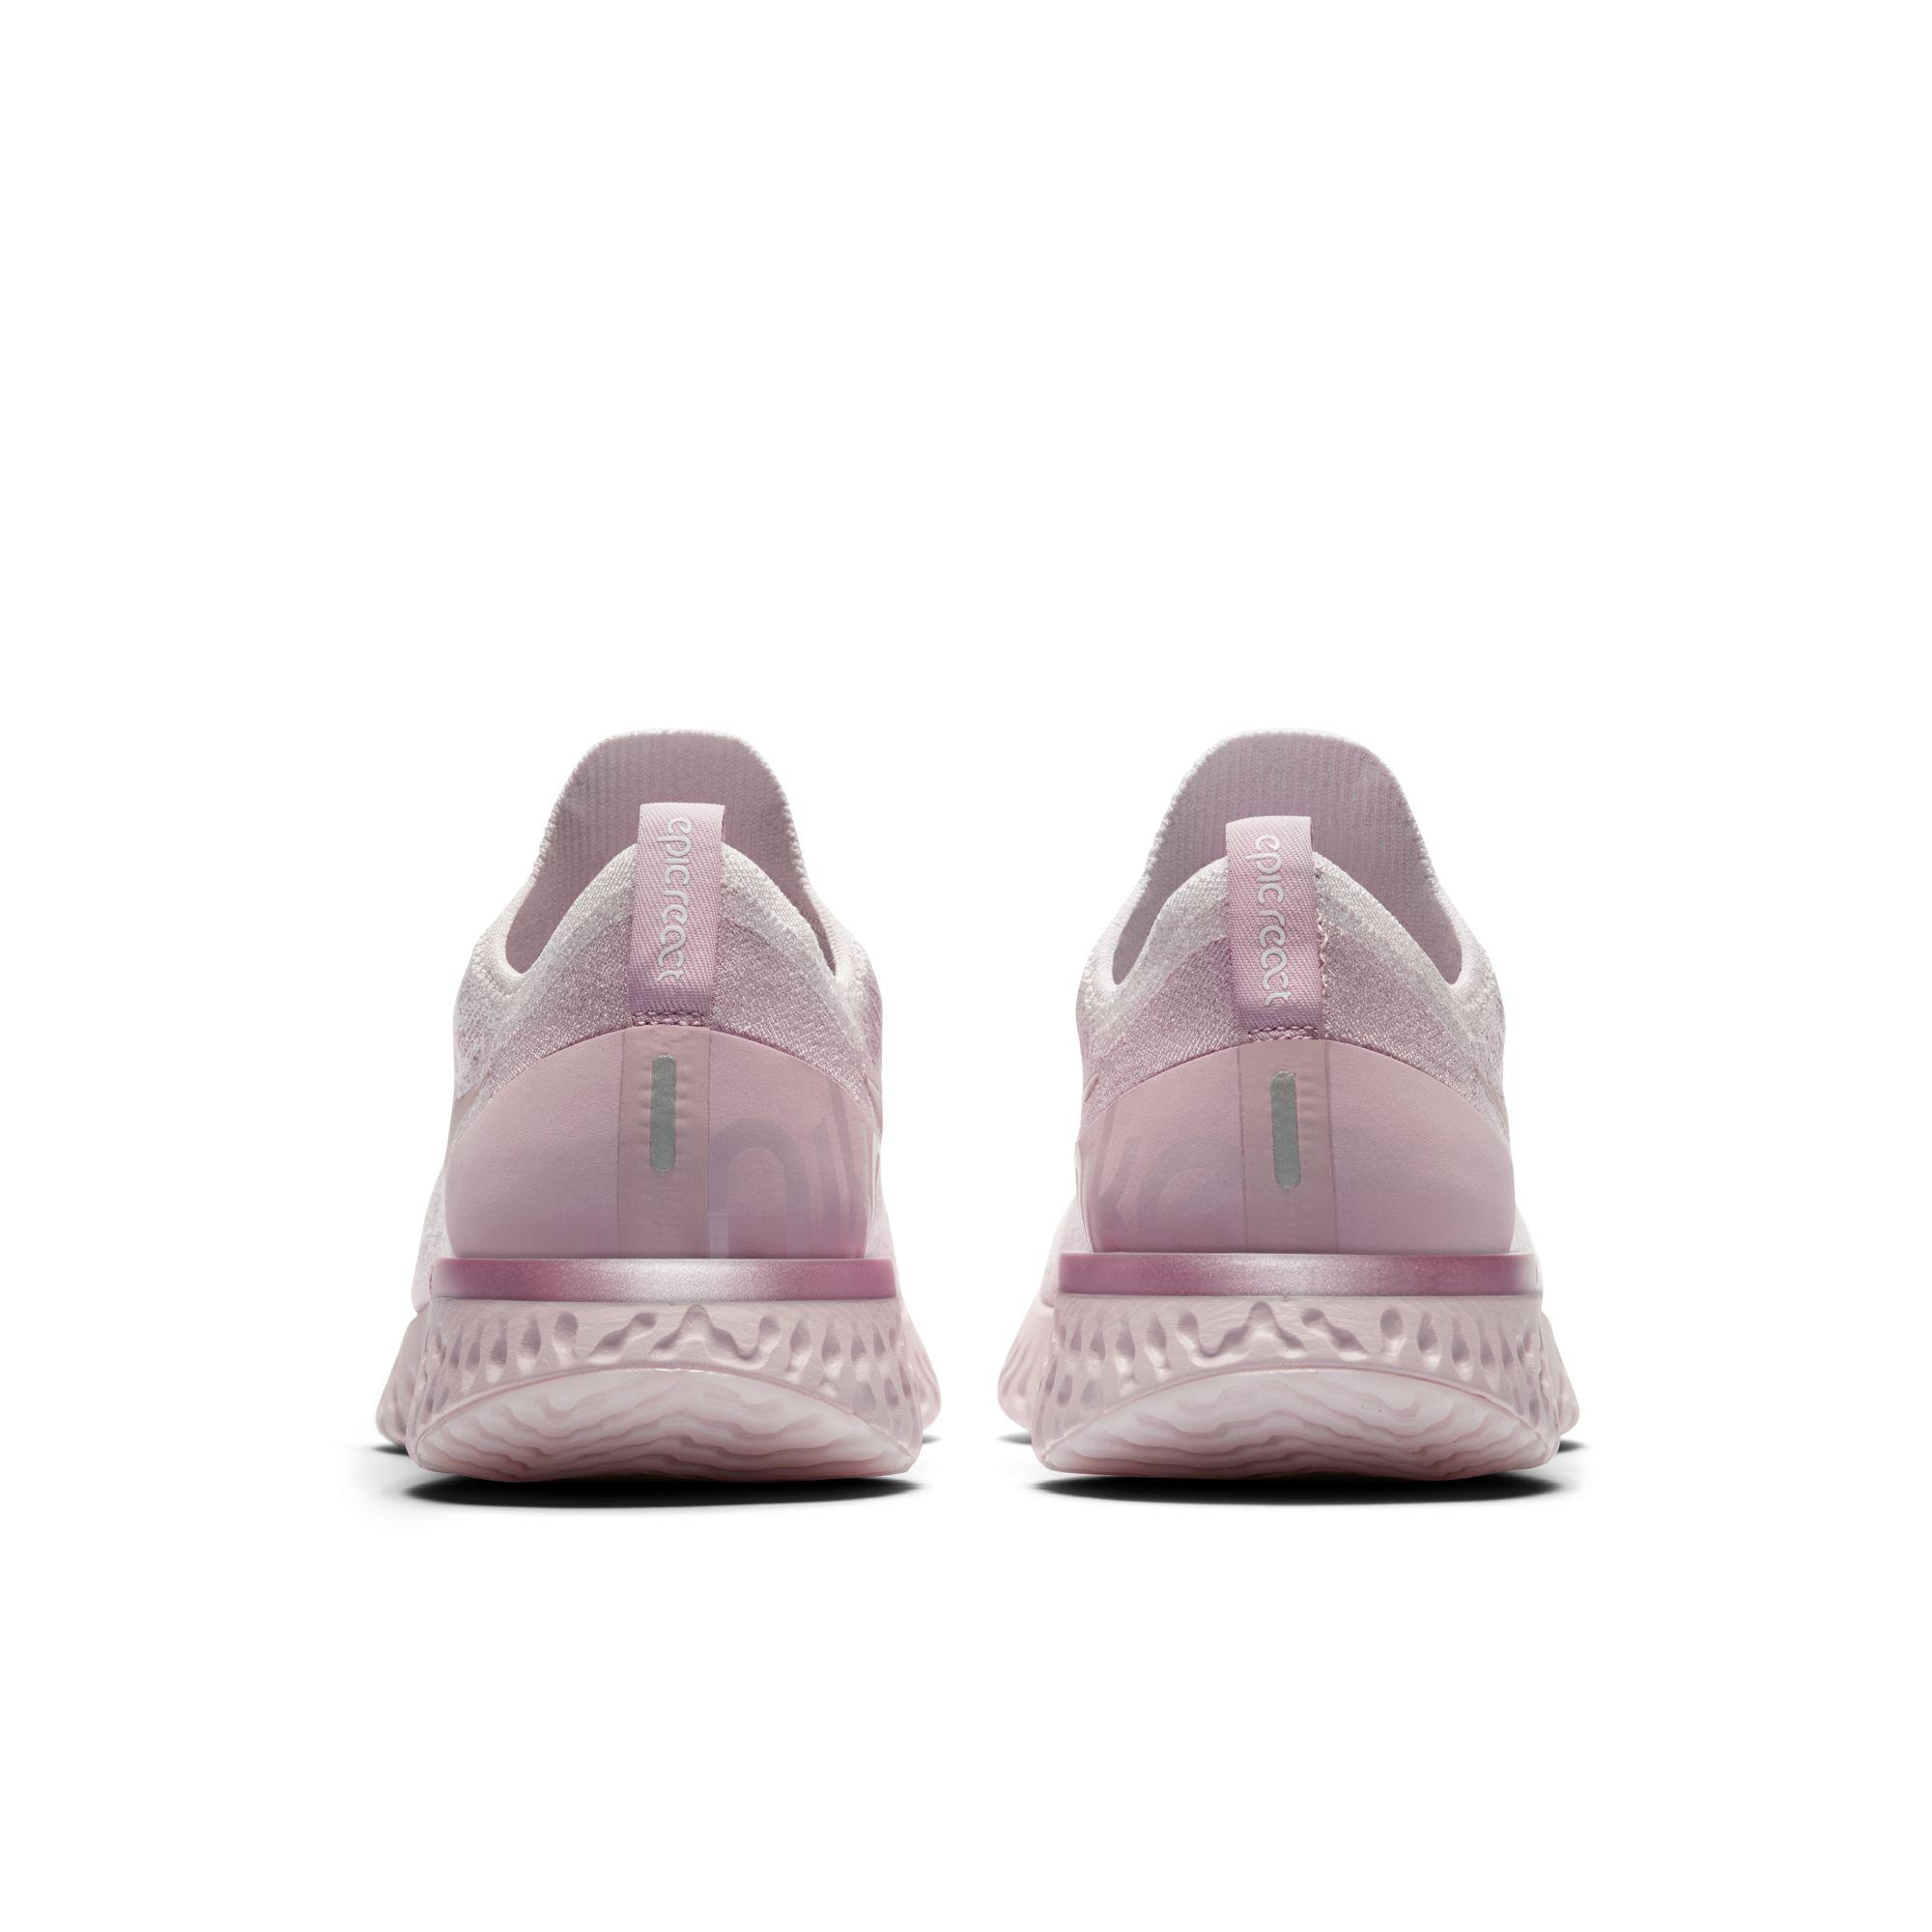 Nike Épica Reaccionar Flyknit Combinaciones De Colores Zapatos jcVqWA